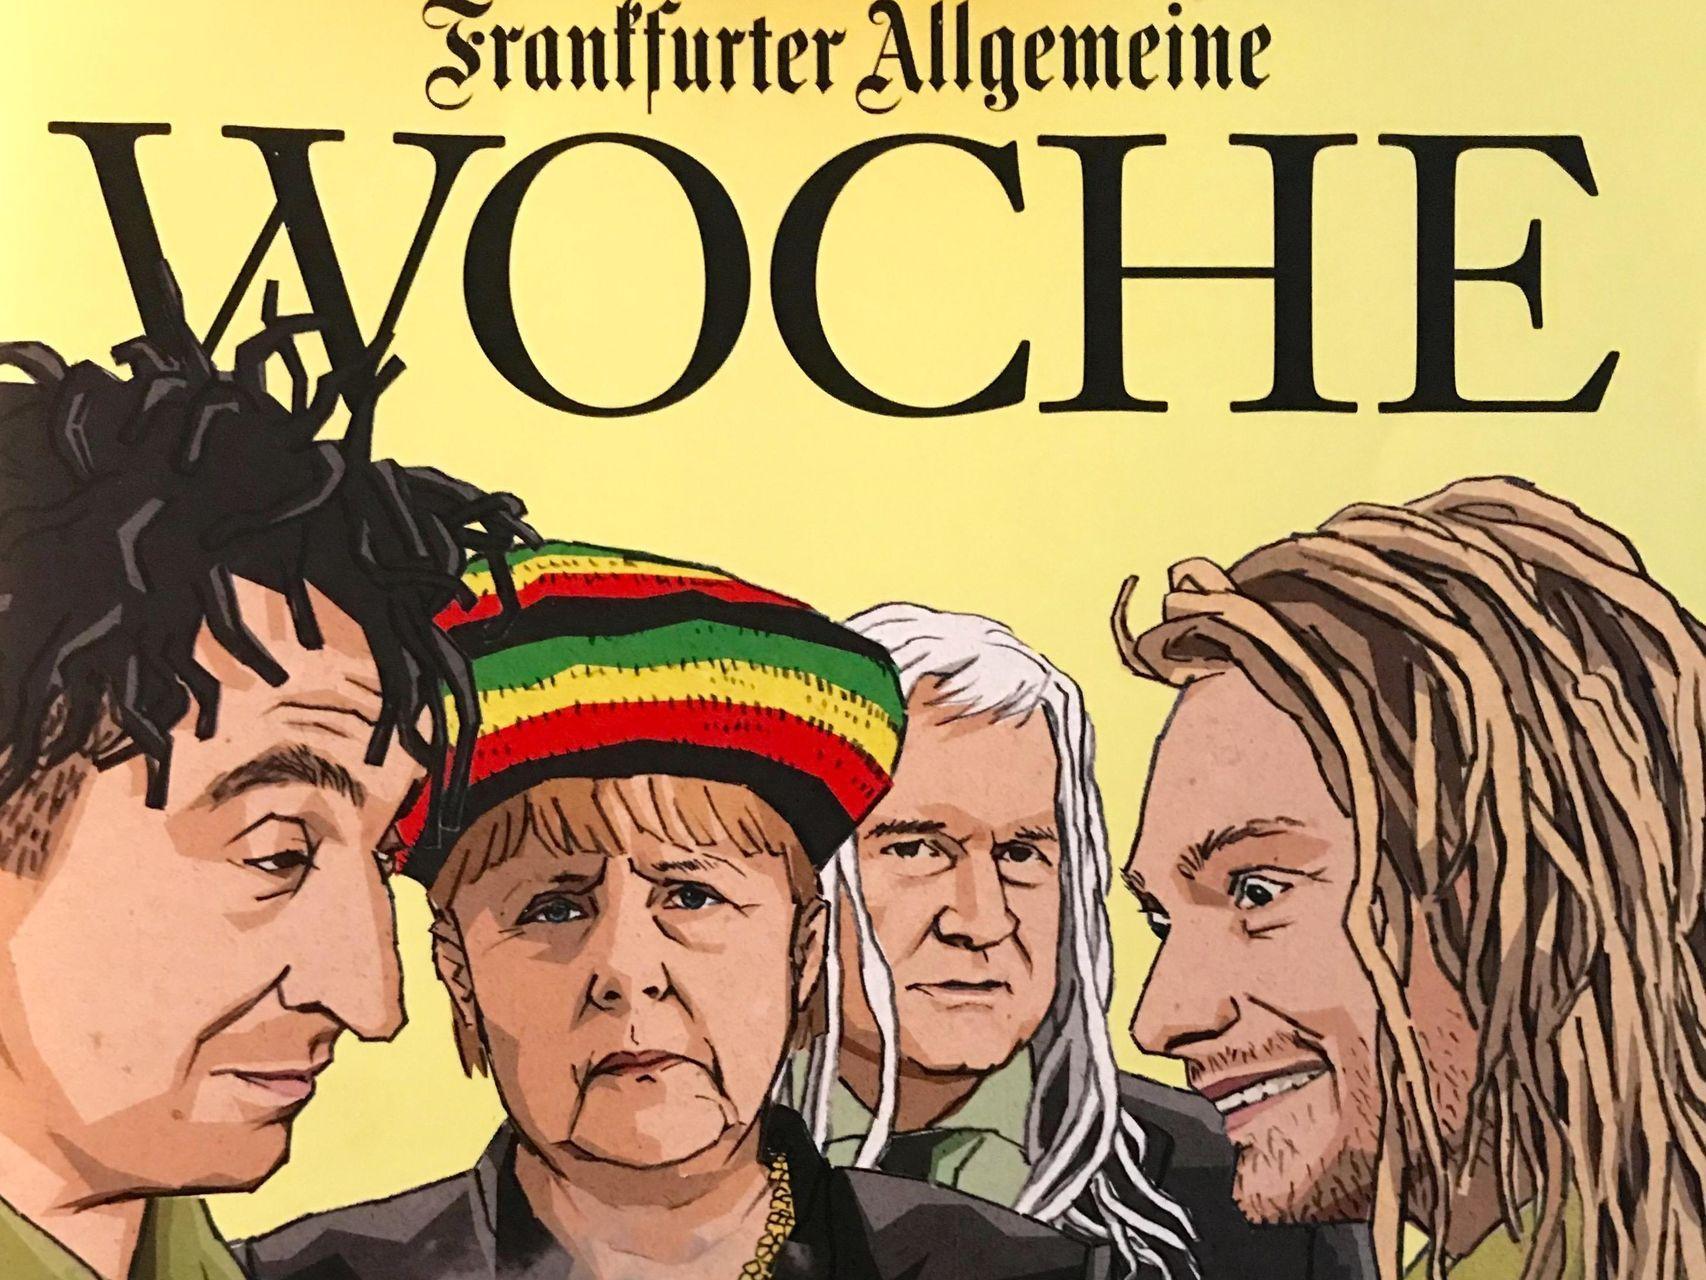 La portada del semanario de actualidad 'Frankfurter Allgemeine Woche'.